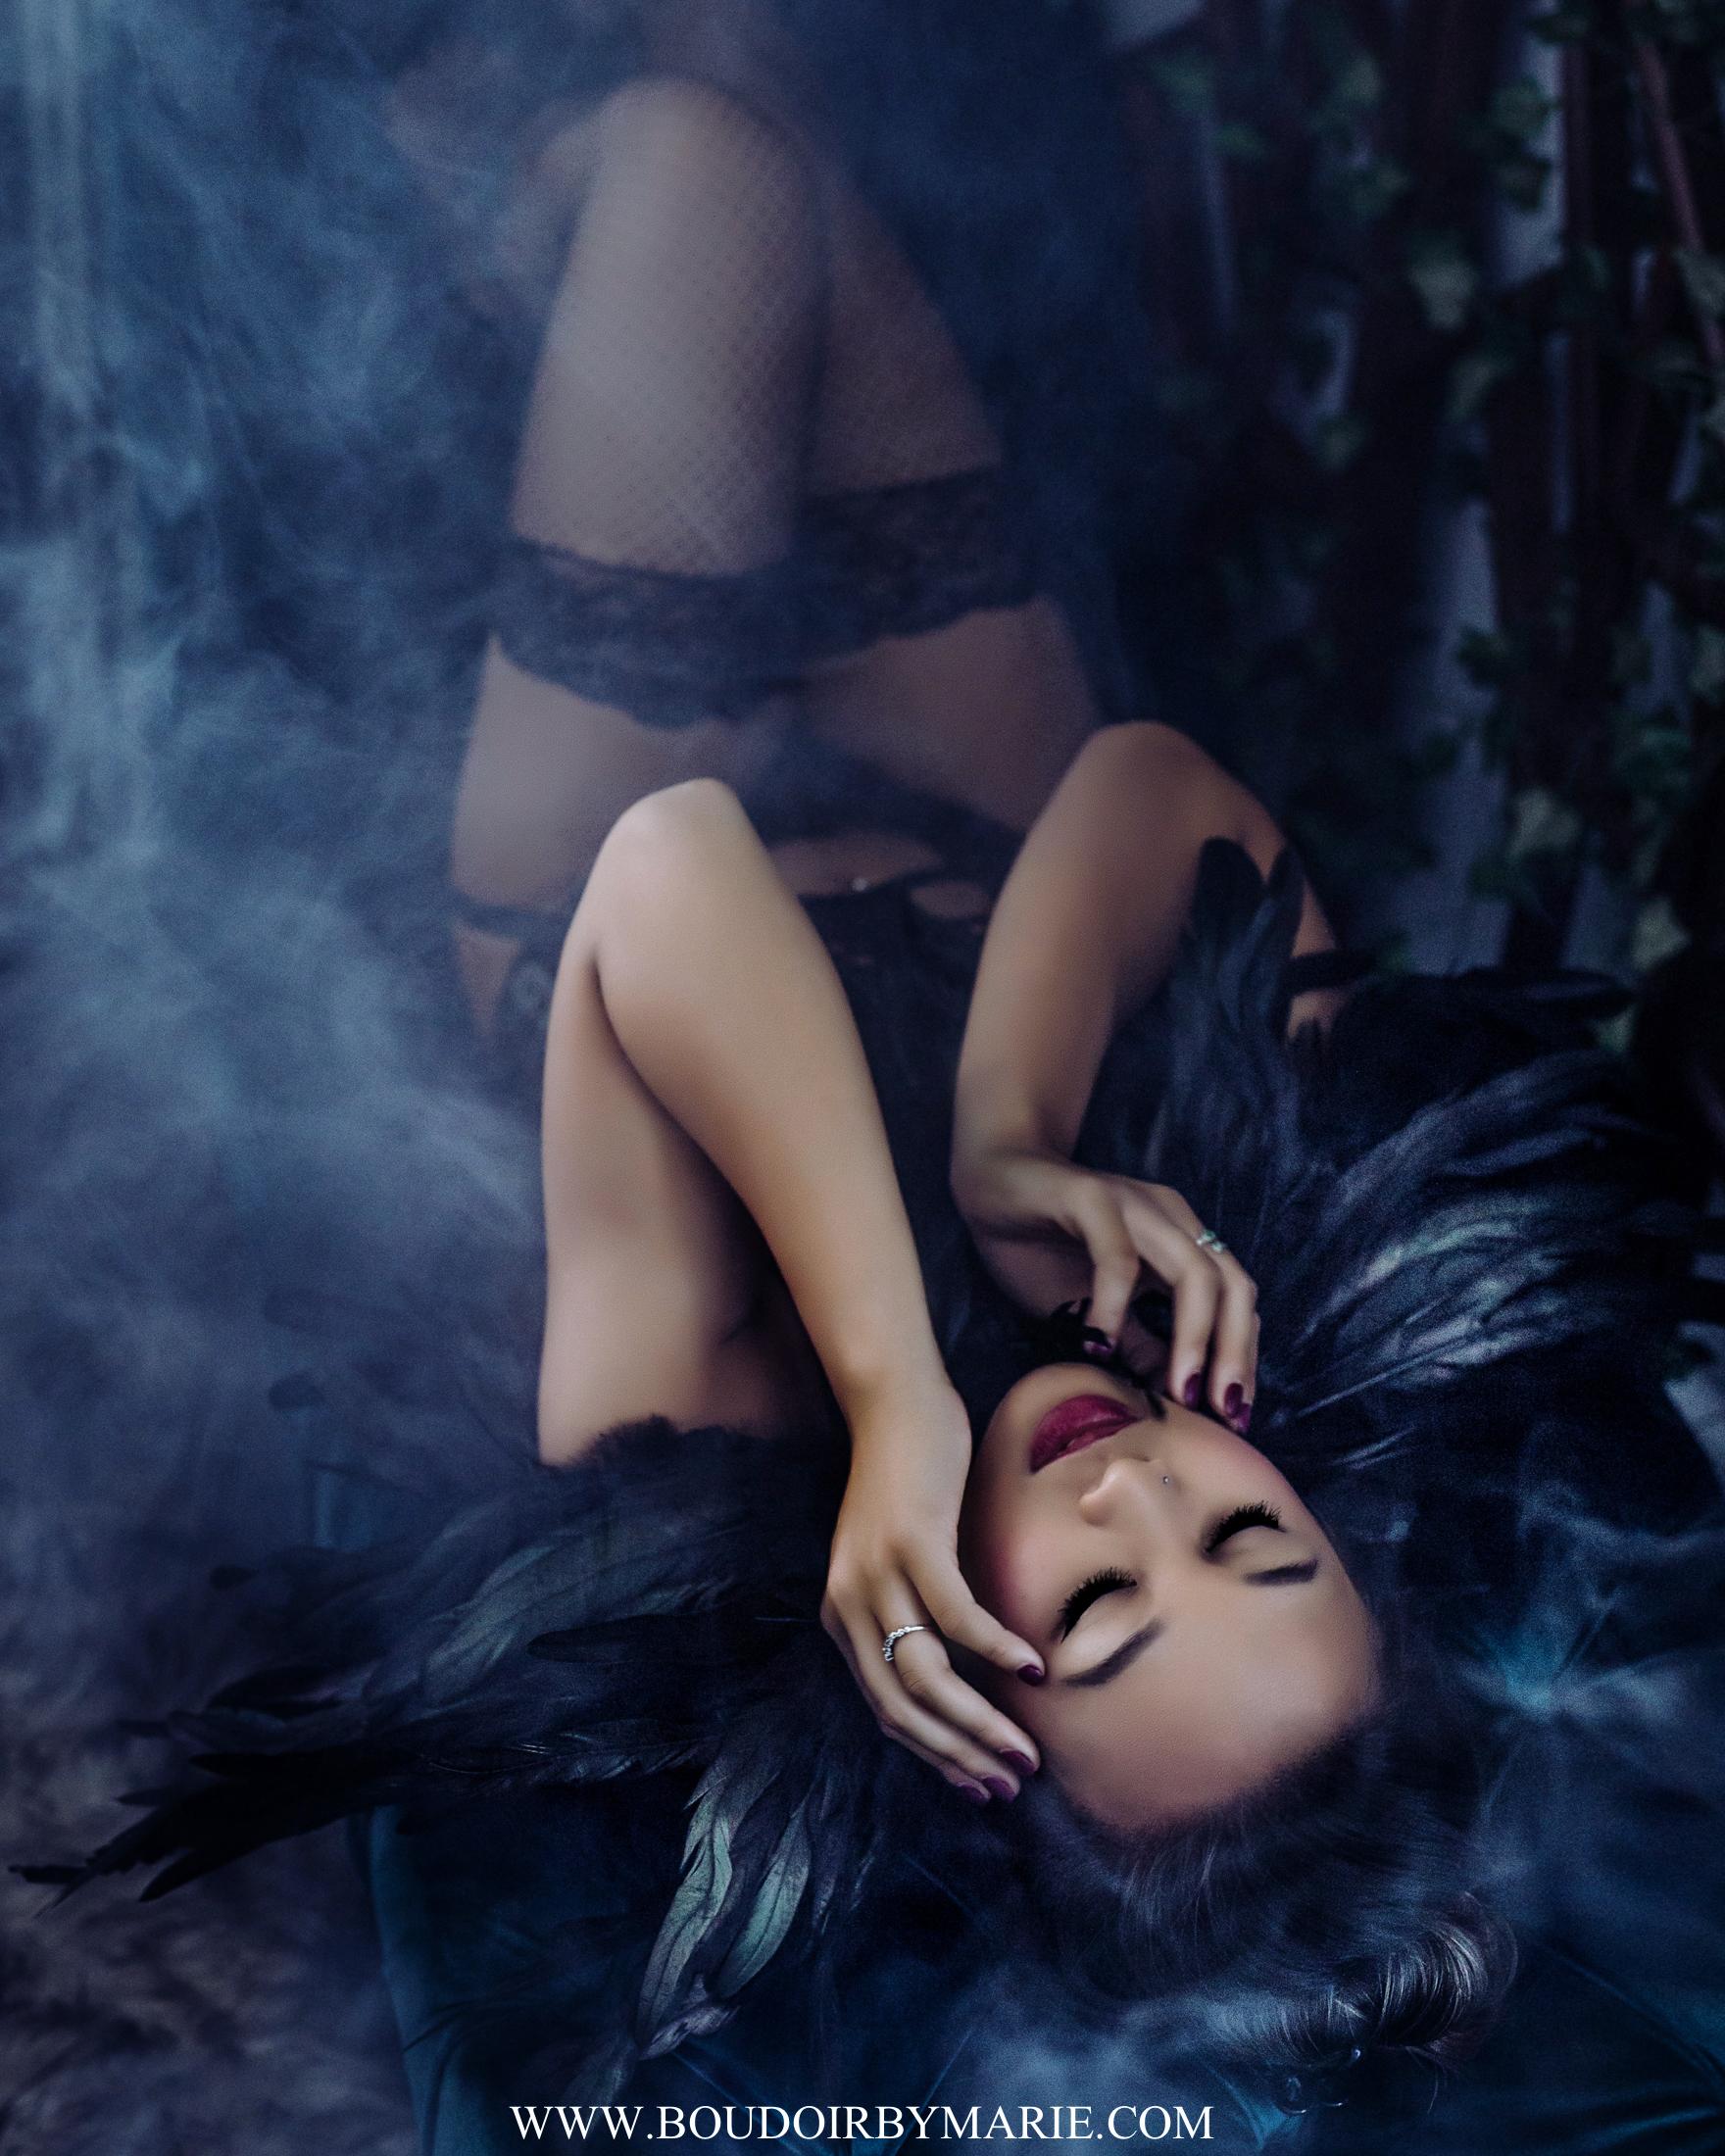 BoudoirbyMarie-HalloweenBoudoir-12.jpg